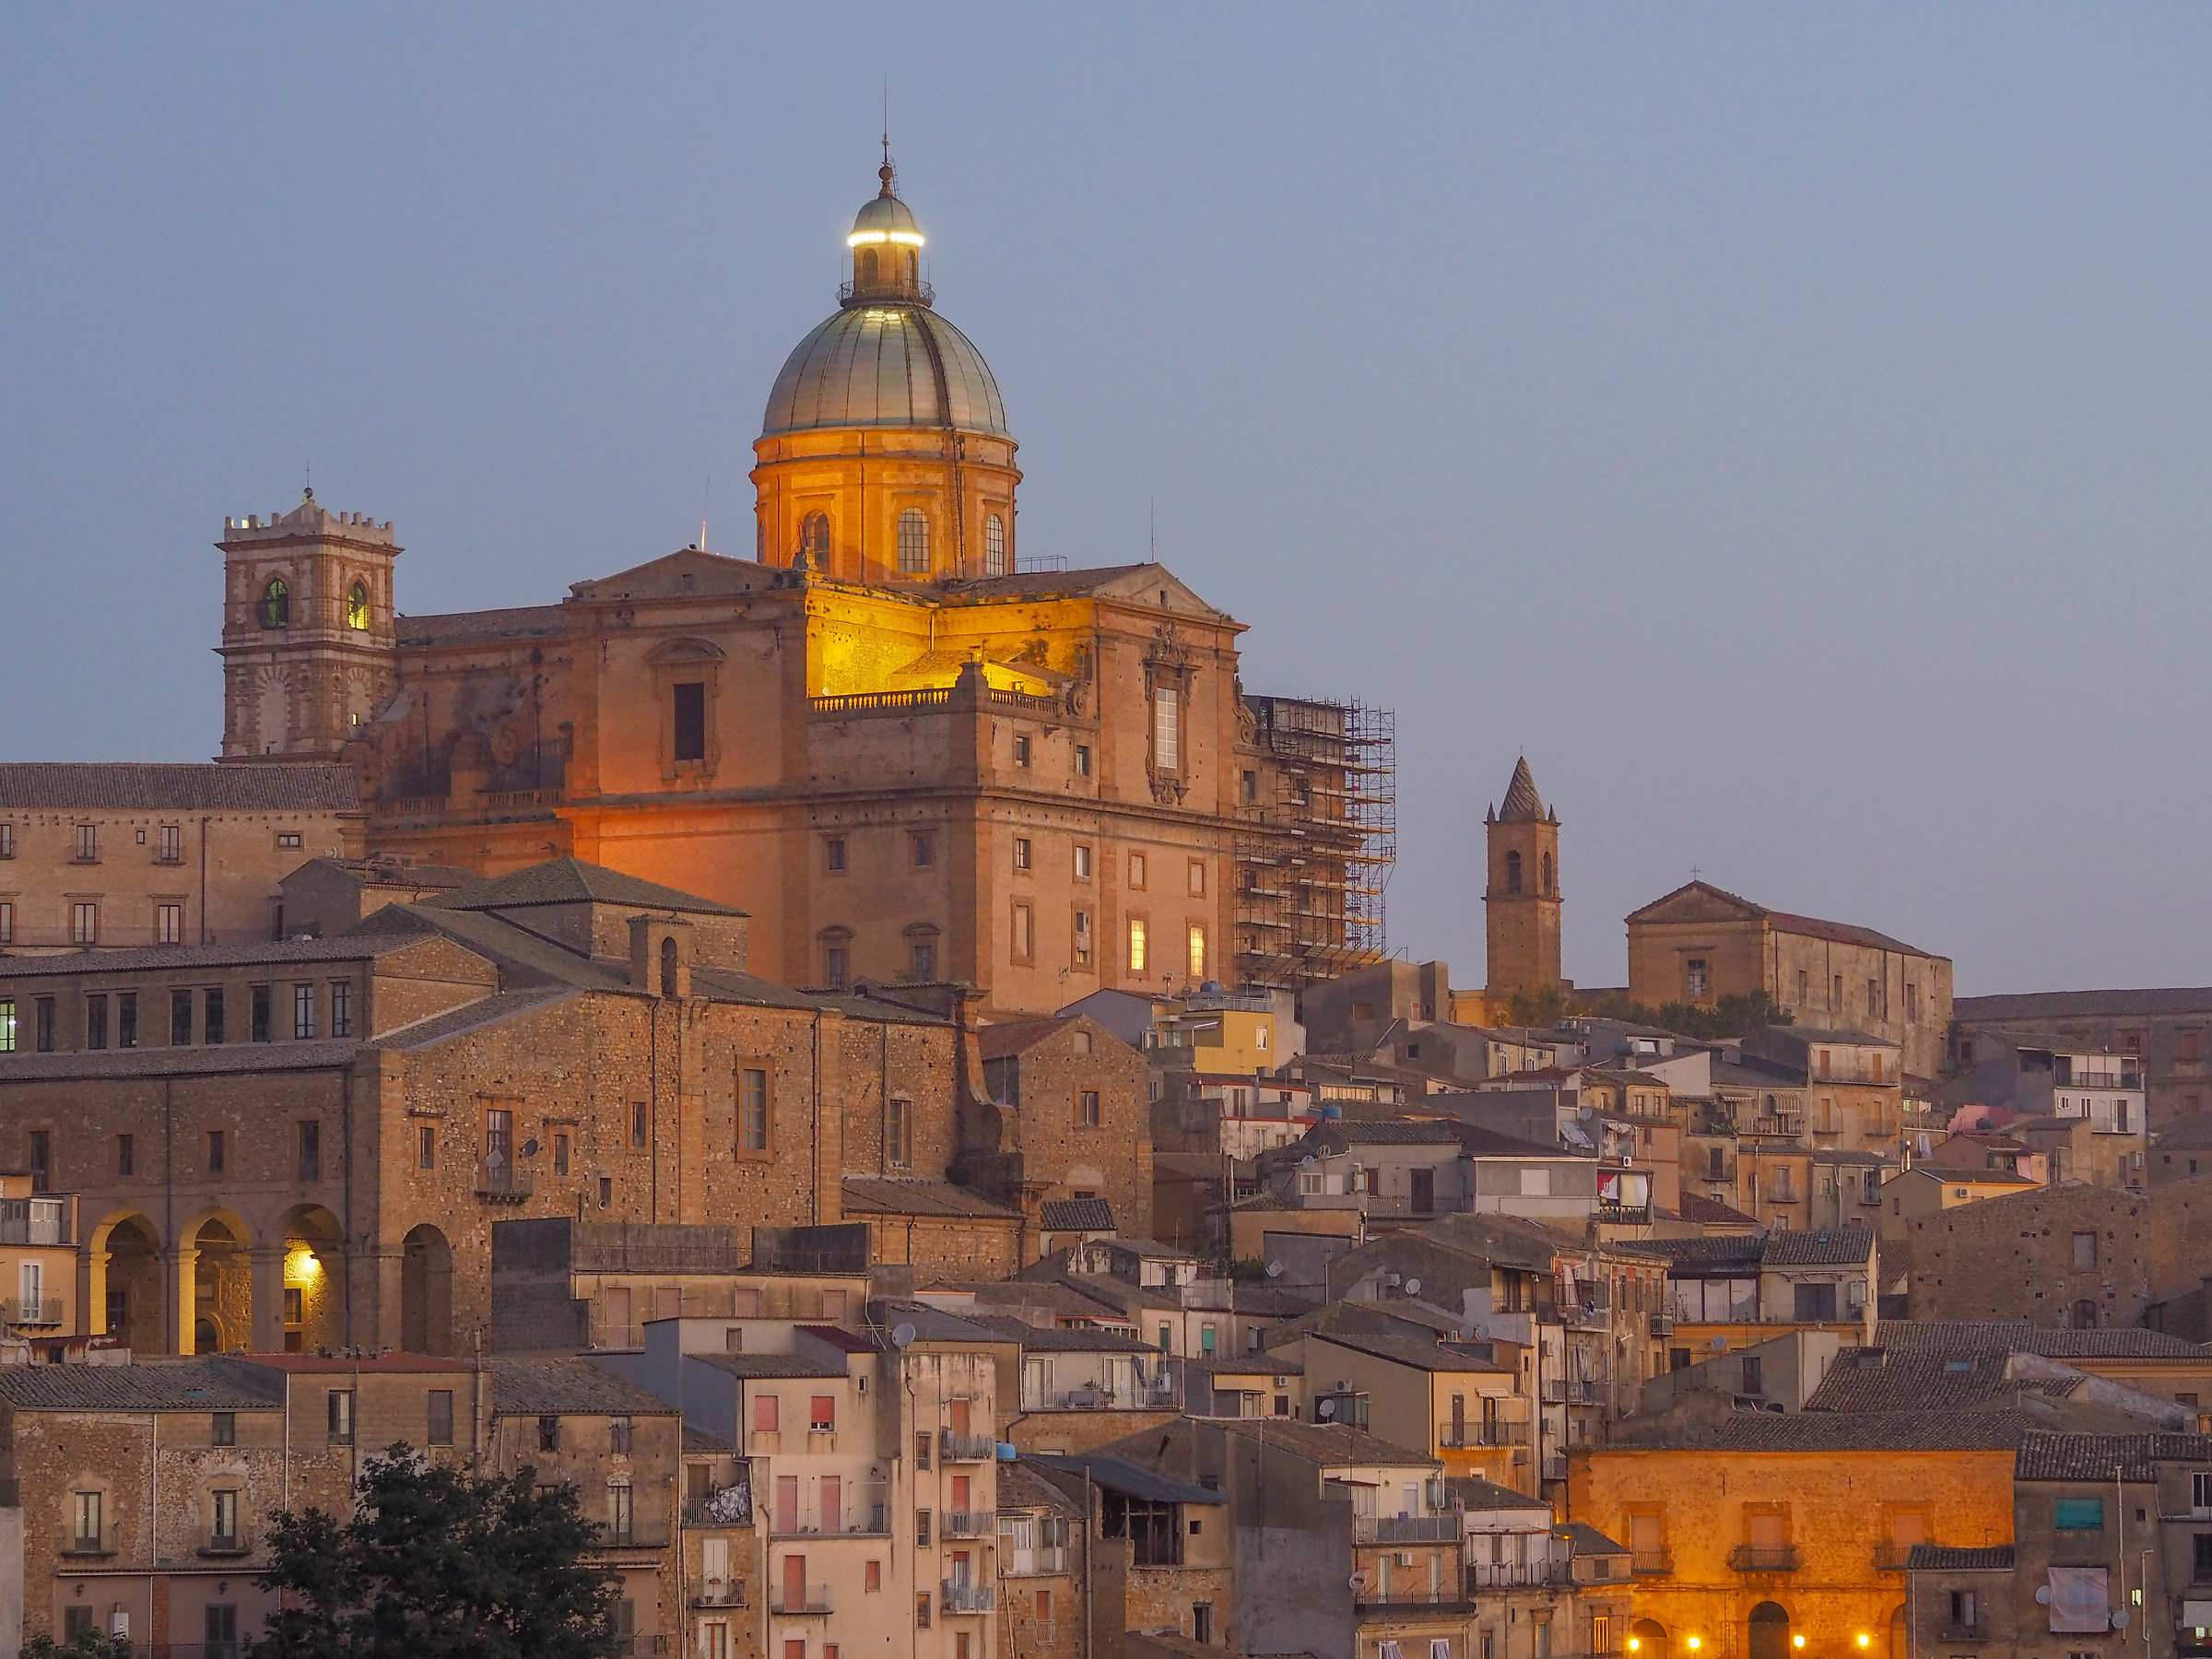 L'alba al centro storico...